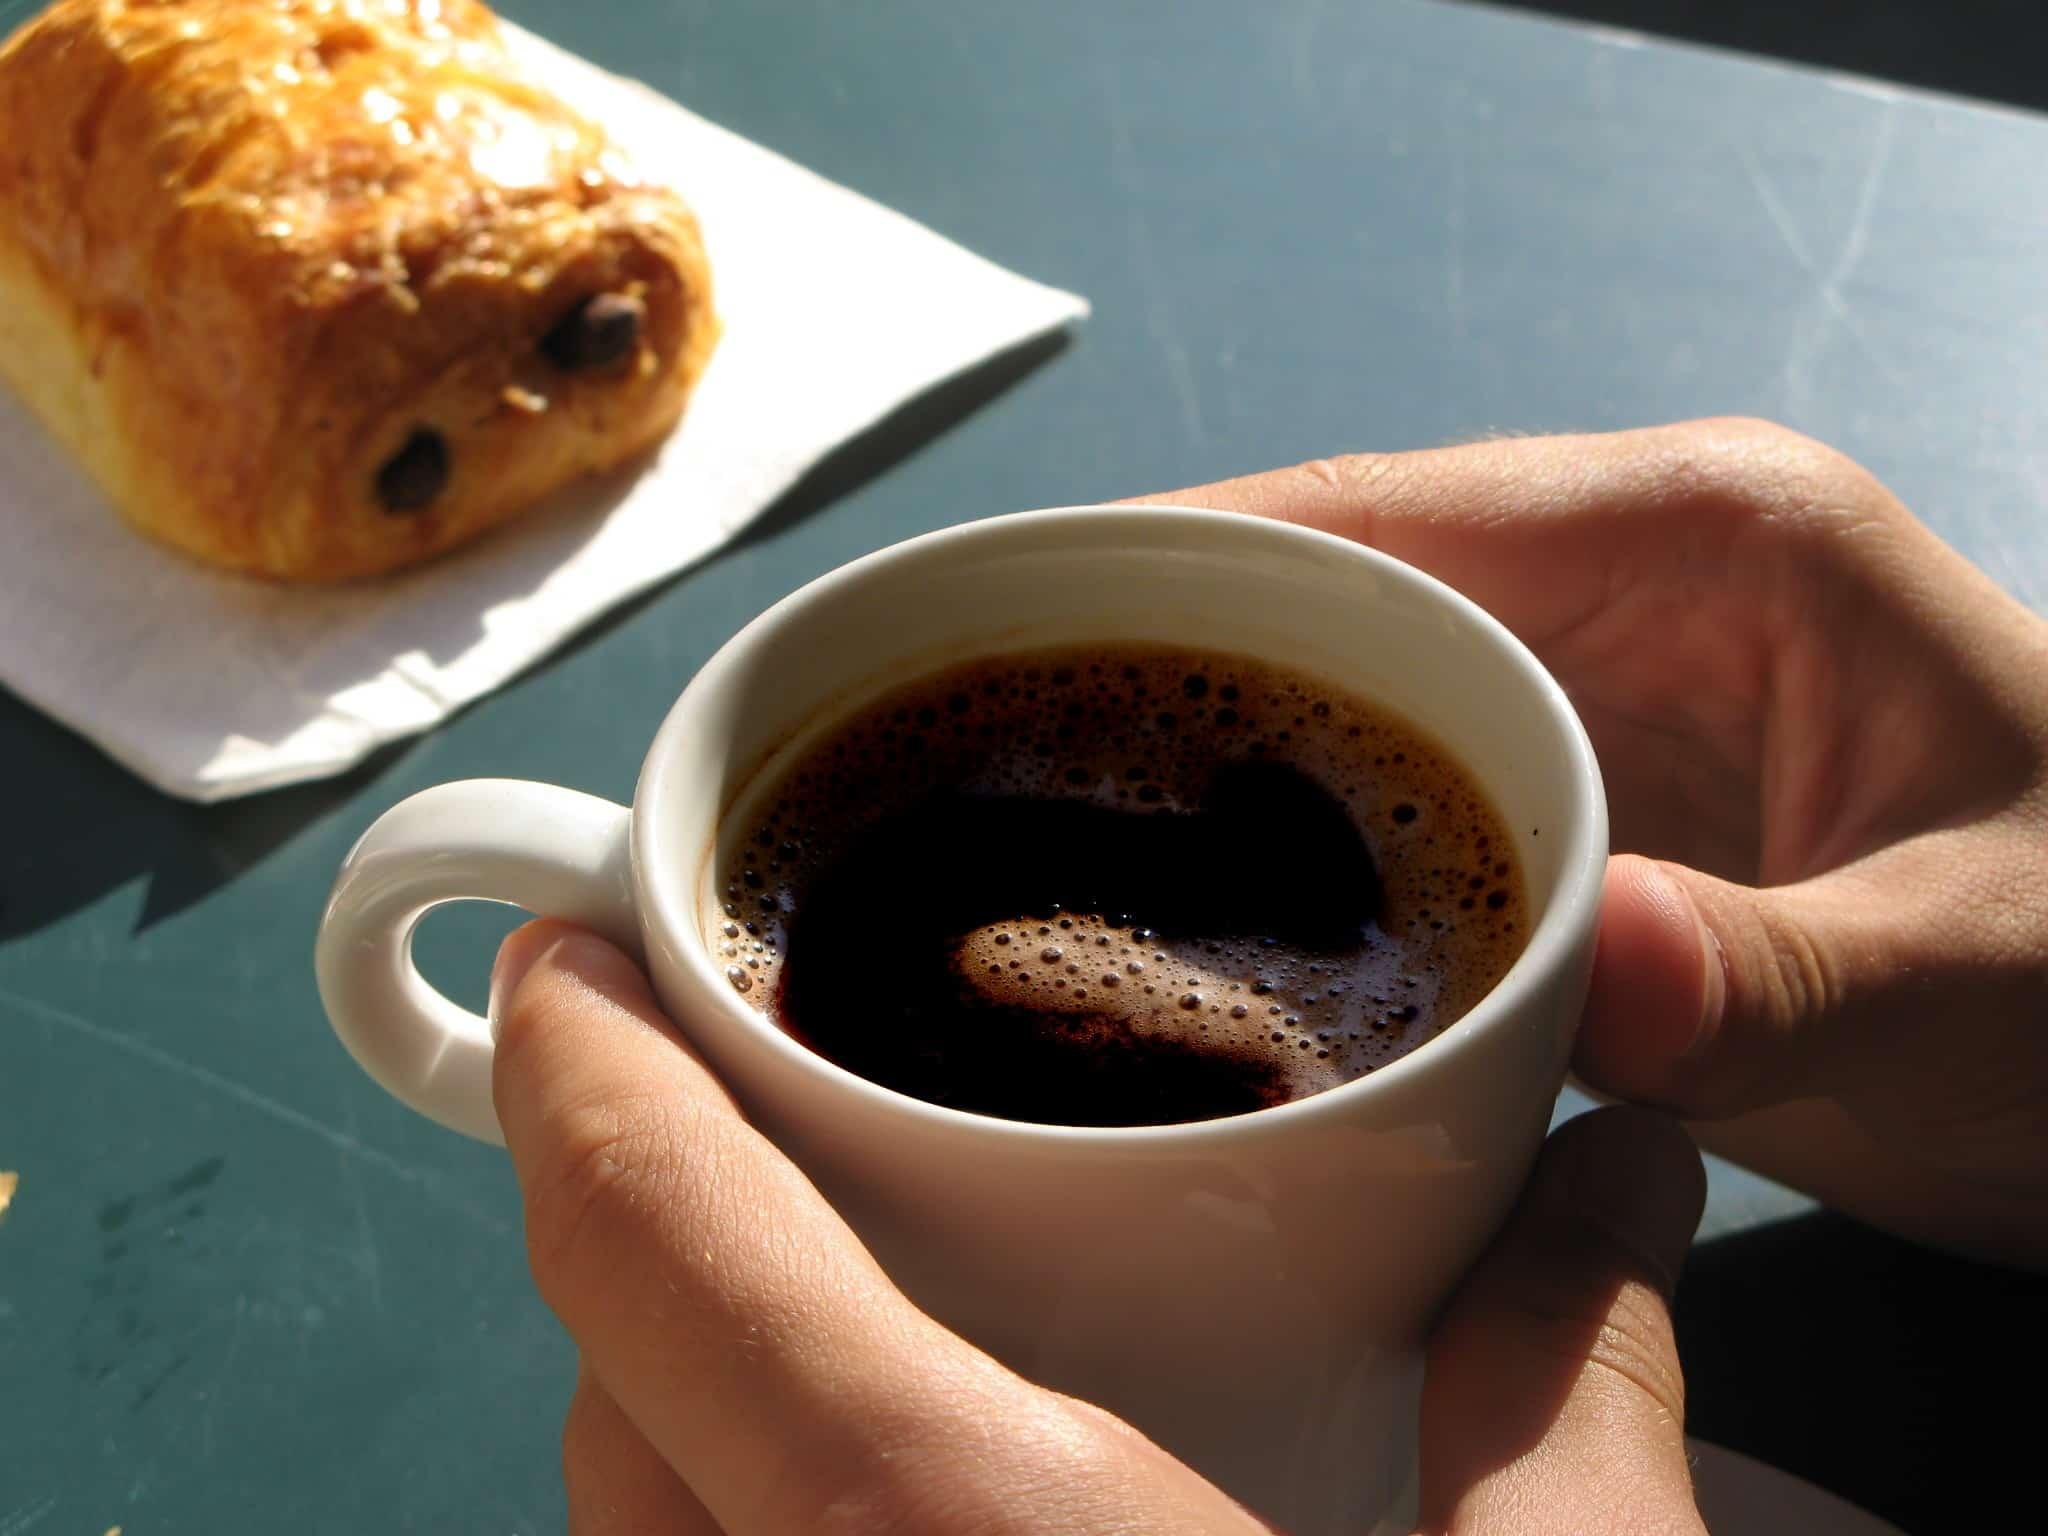 בררה של גאג׳יה- כי מגיע לכם להנות מקפה משובח בכל בוקר